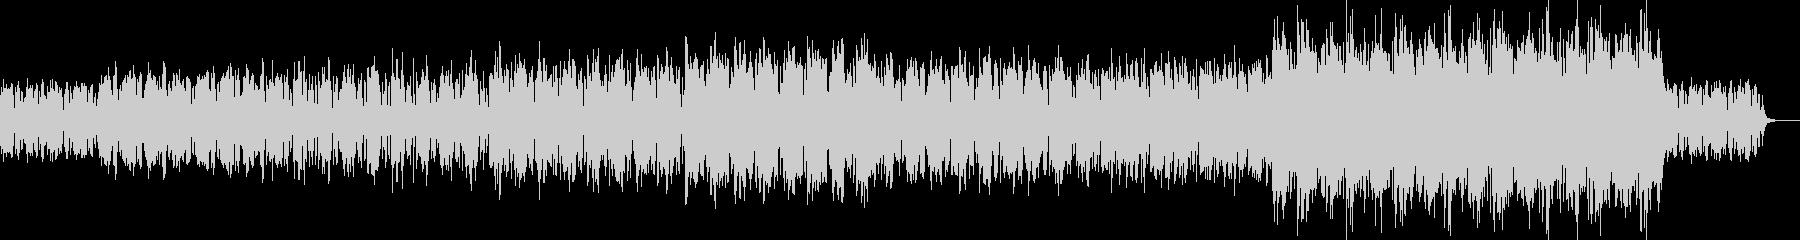 リズムなしのバージョンの未再生の波形